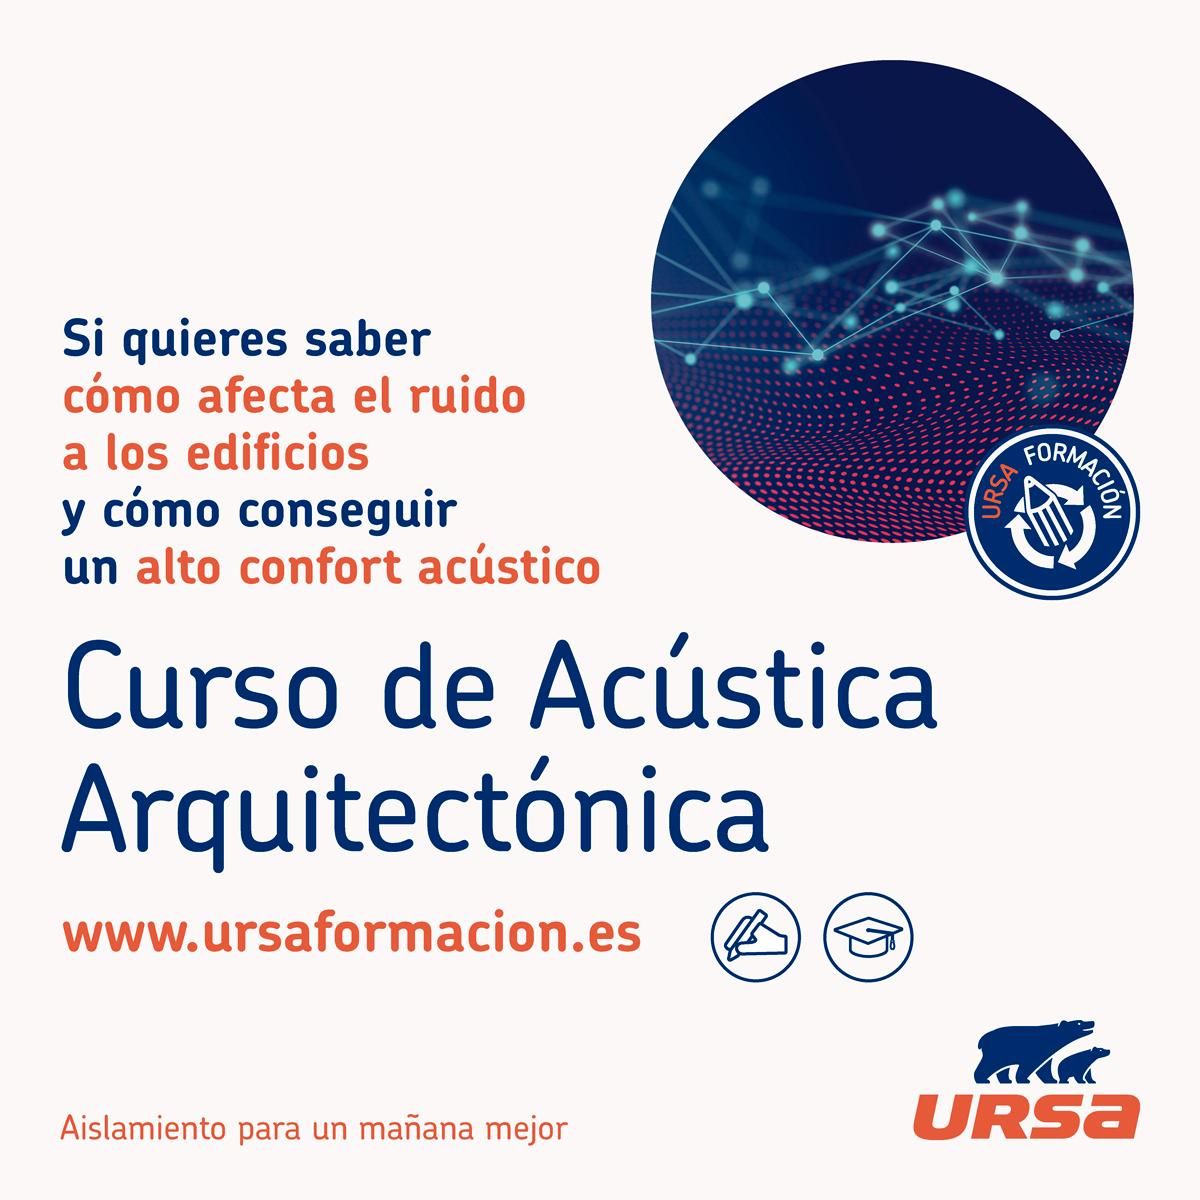 Acústica Arquitectónica